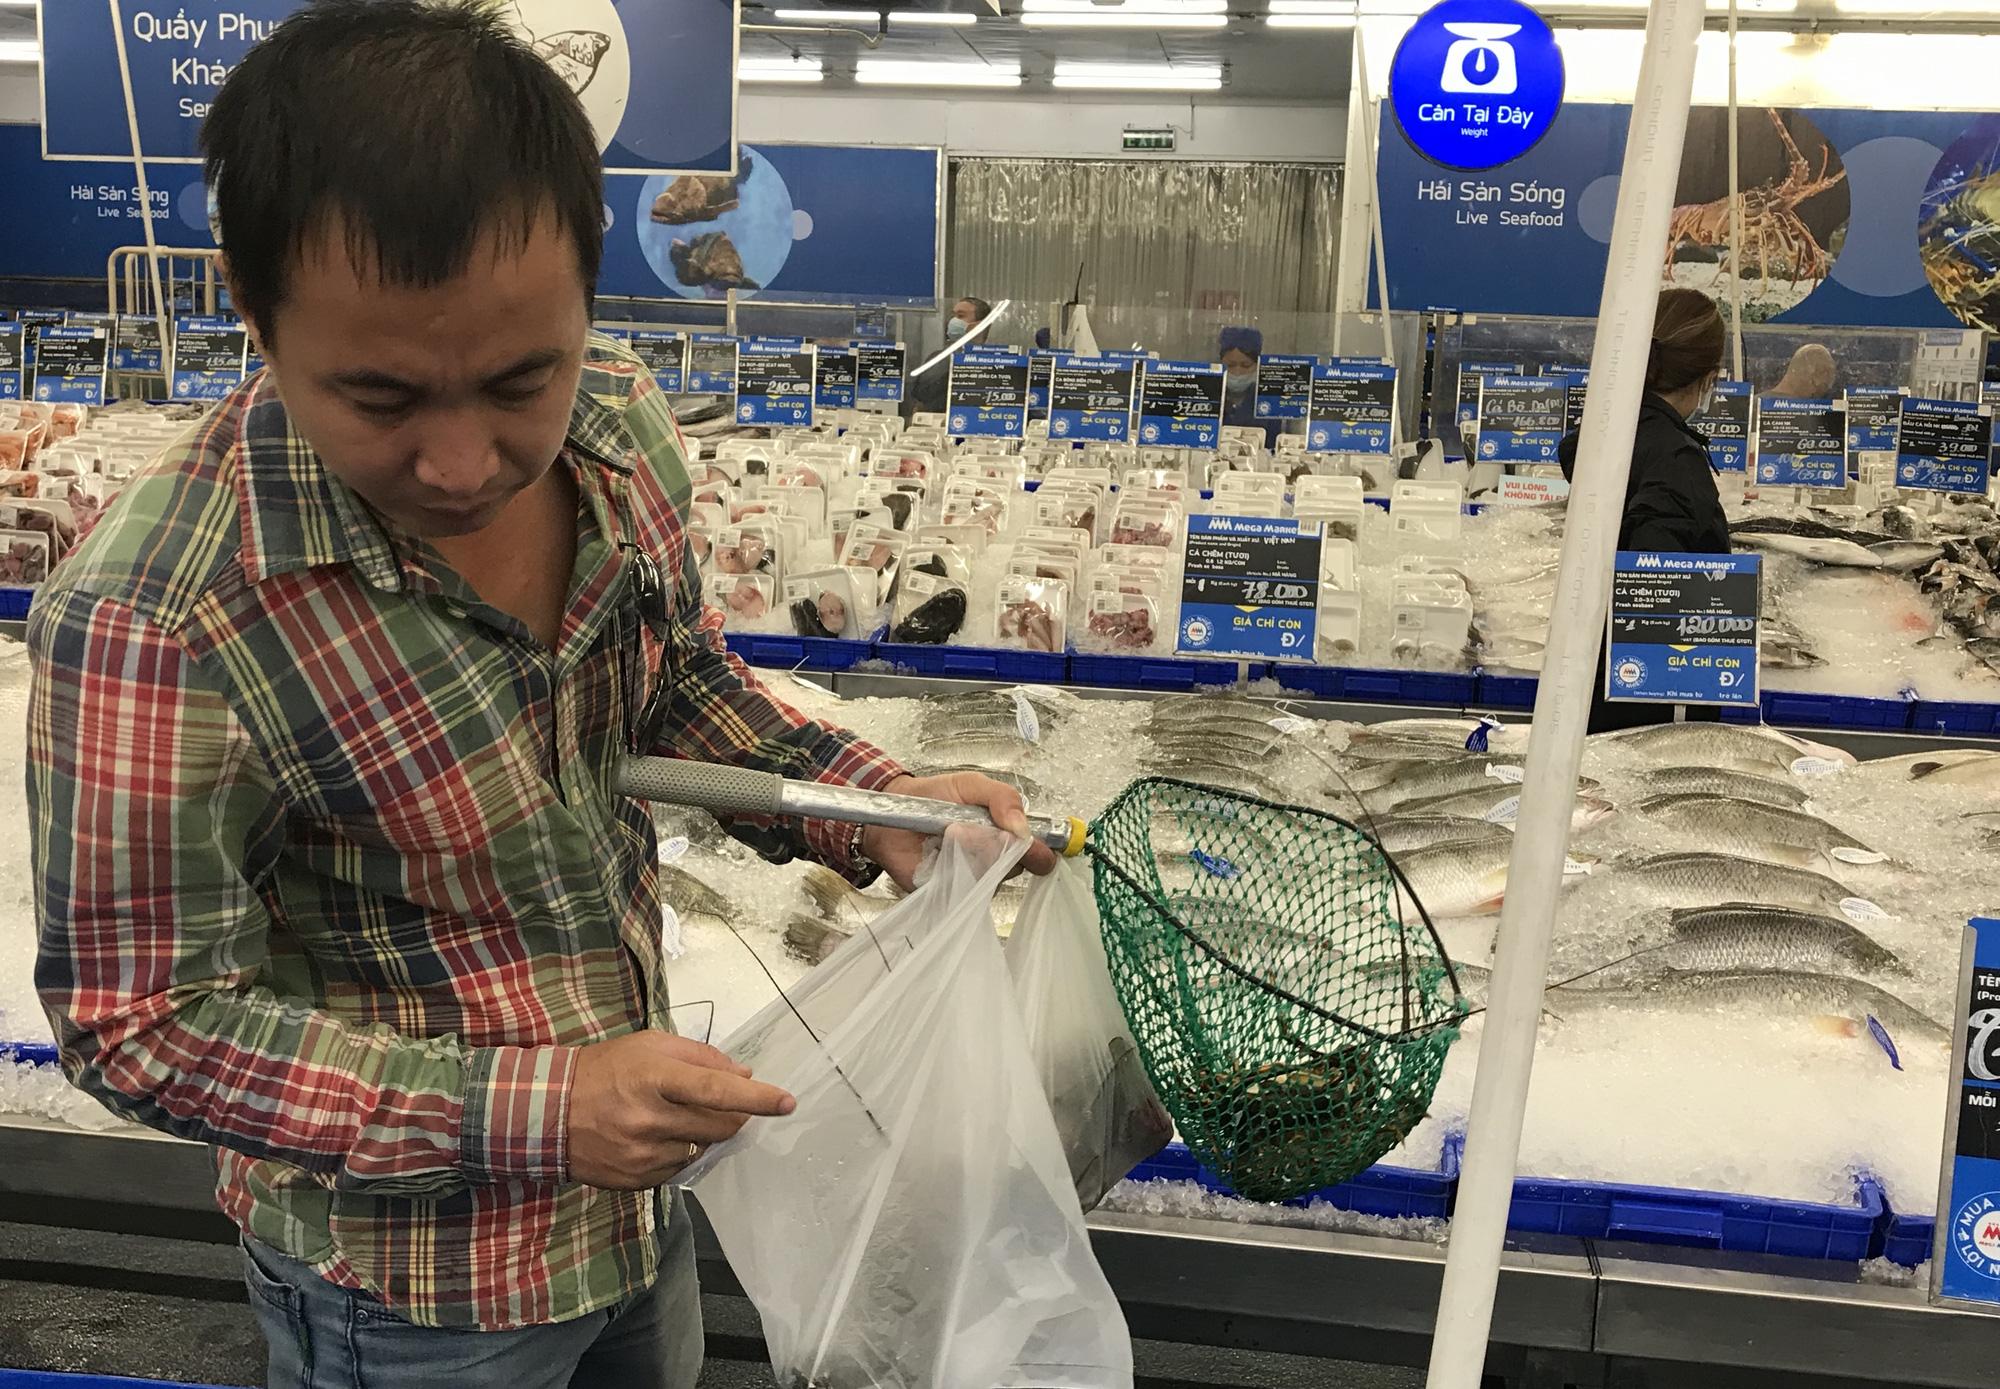 Cận cảnh giải cứu tôm hùm ở Sài Gòn, mới 9h sáng đã hết sạch, có siêu thị chế biến miễn phí cho khách ngay tại chỗ - Ảnh 4.